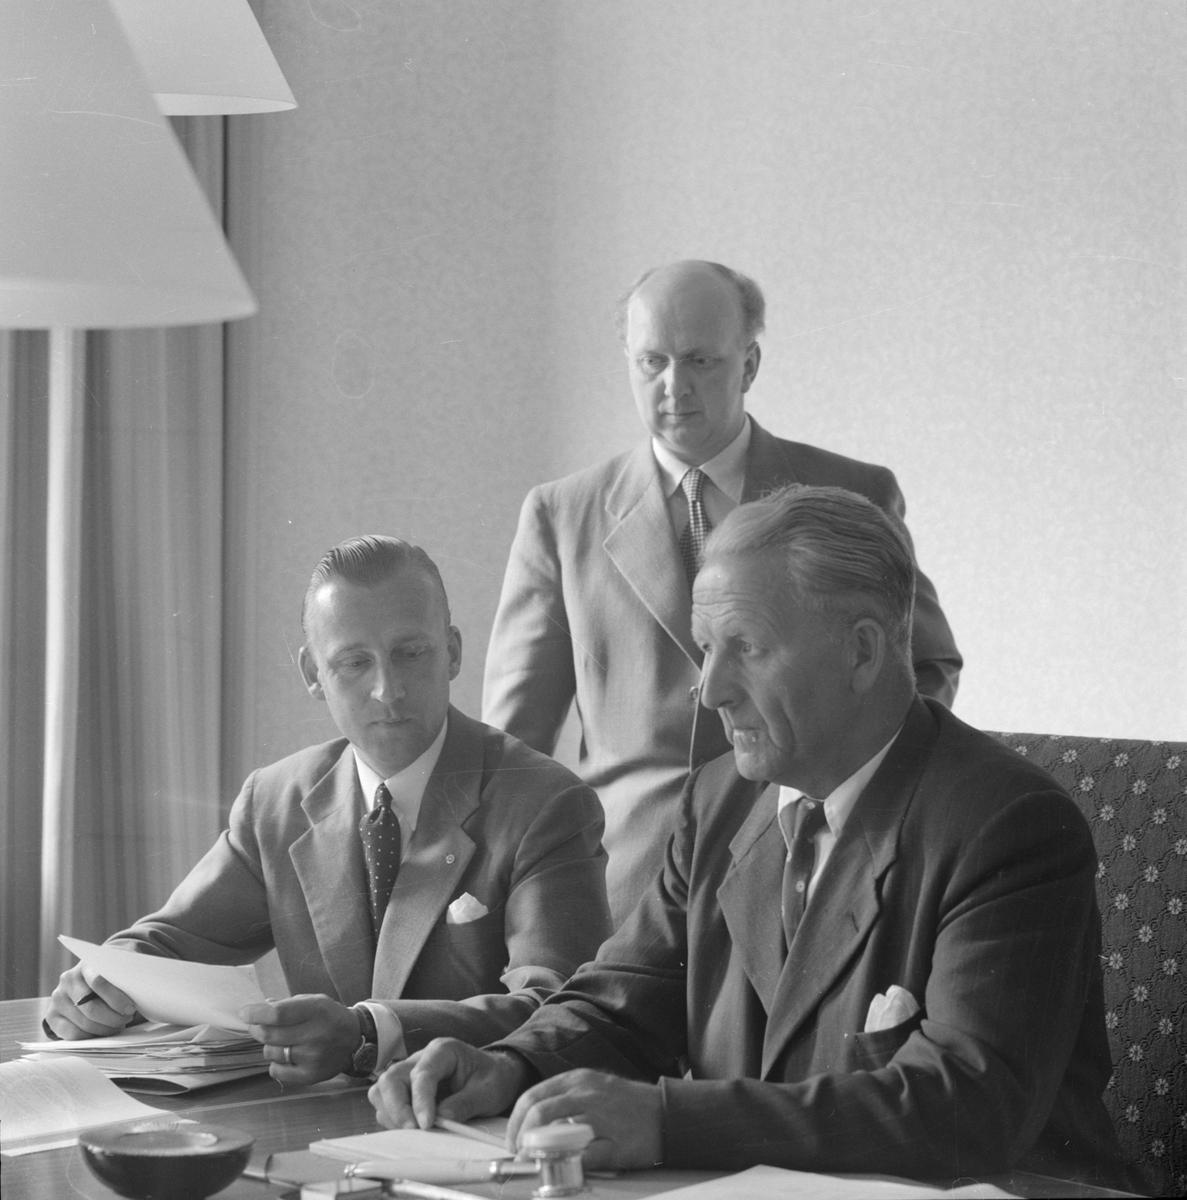 Landstingsdirektör Lennart Åberg, kanslichefen Per Elfvik (stående) och landstingets och förvaltningsutskottets ordförande Arthur E Elmroth, Uppsala tidigt 1950-tal